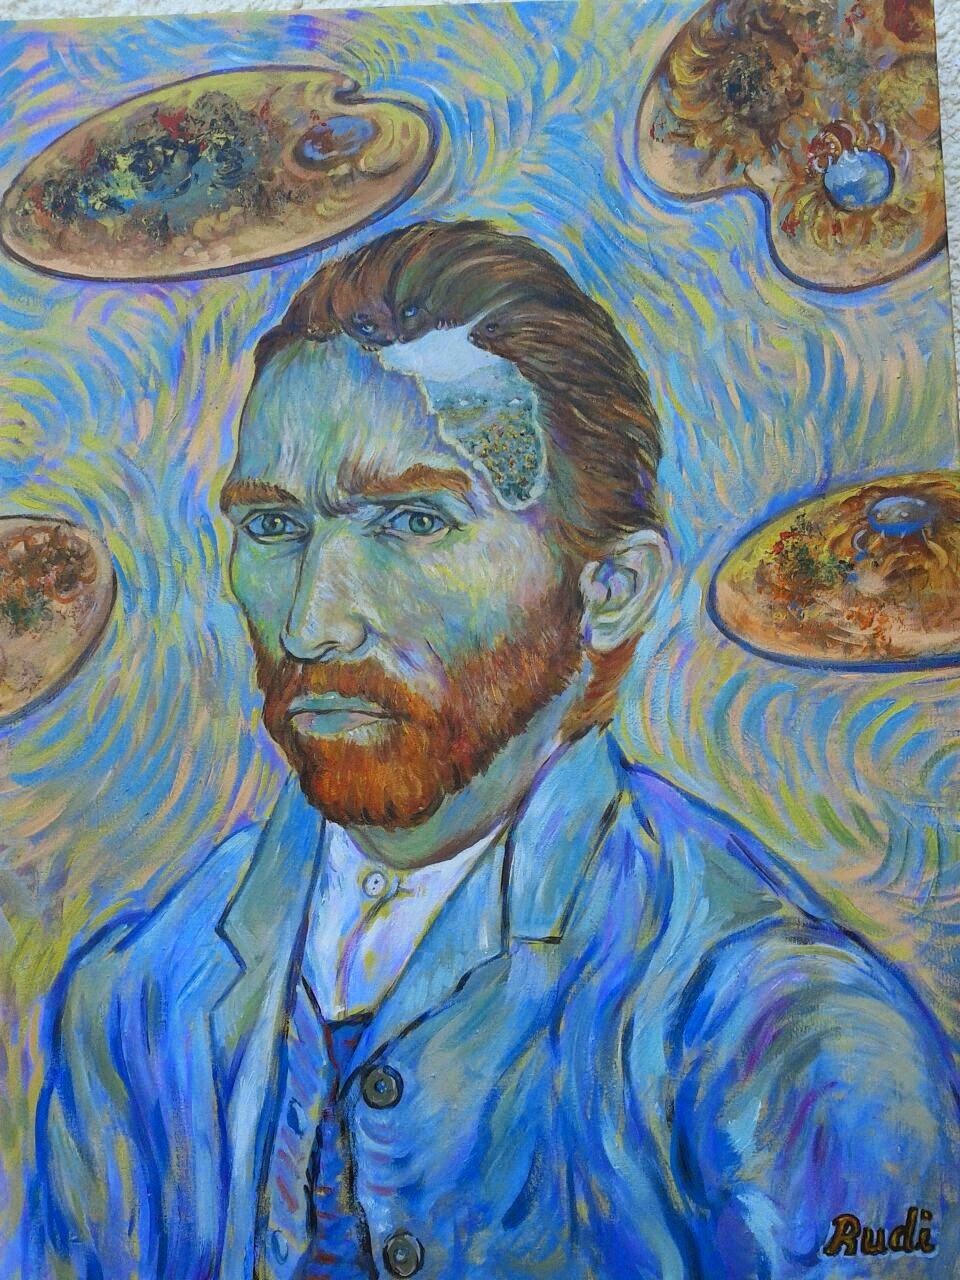 Autorretrato Van Gogh pintora Rudi